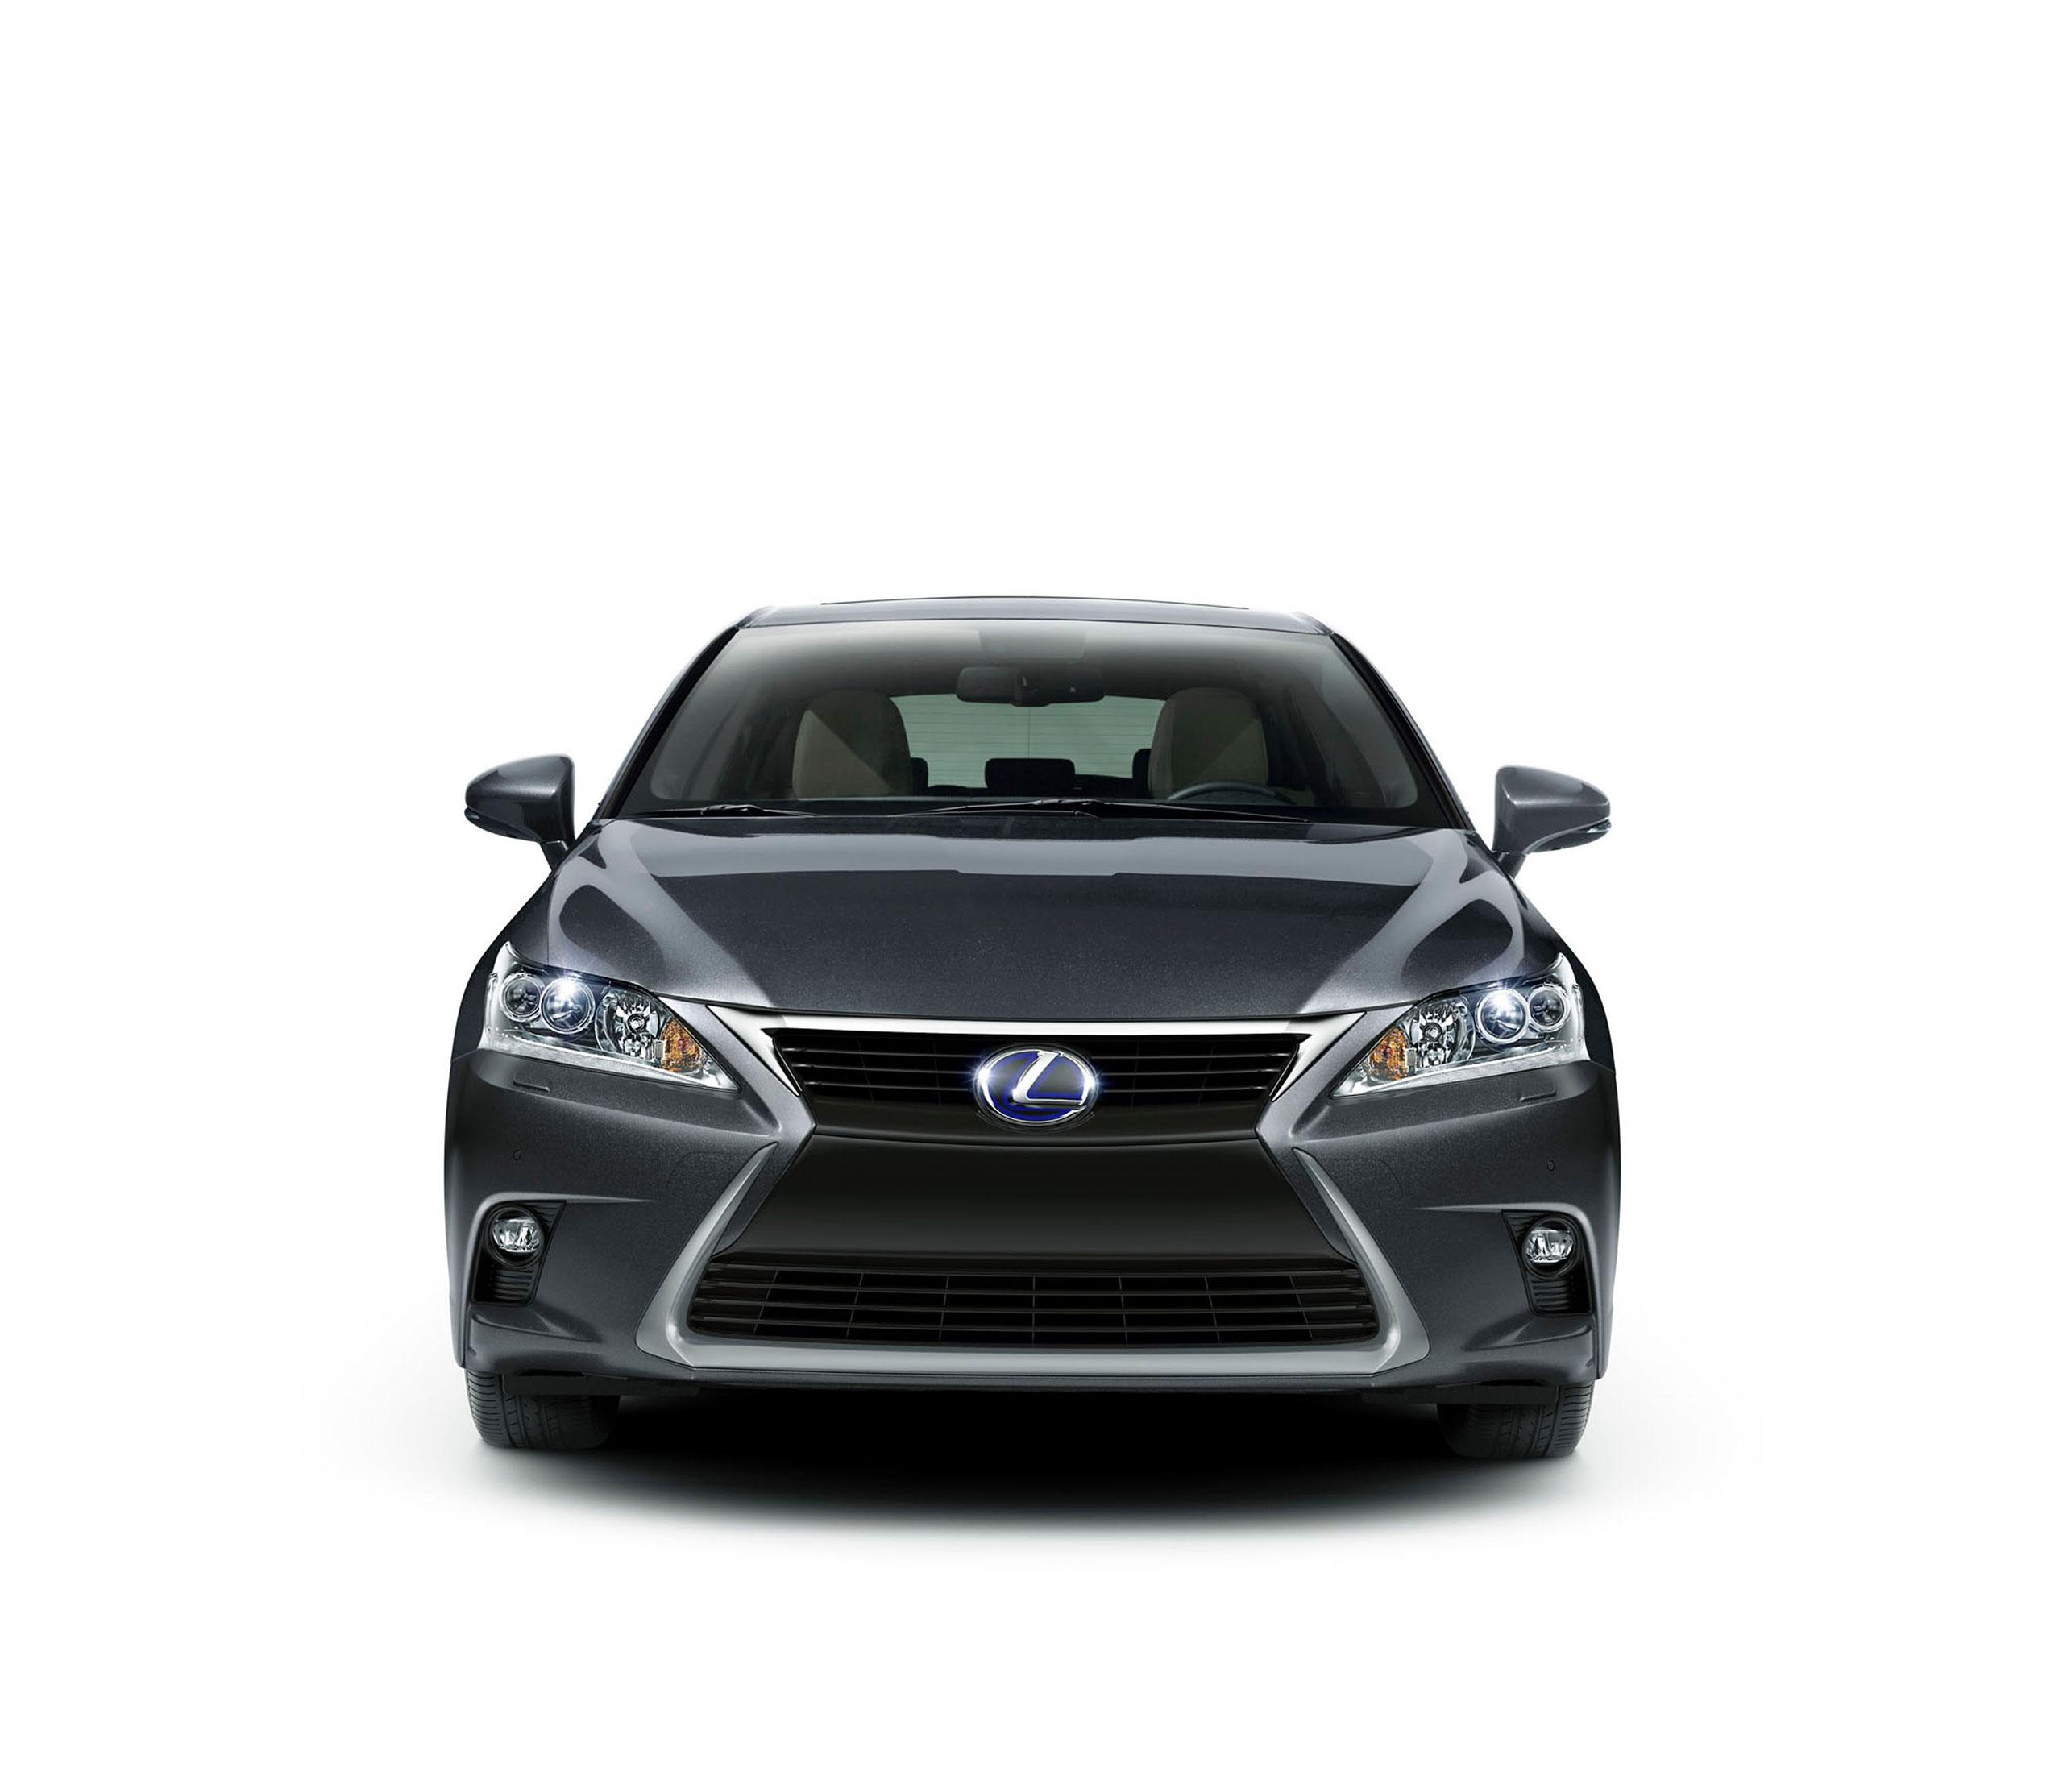 Lexus 2014: The Updated 2014 Lexus CT 200h & CT 200h F SPORT